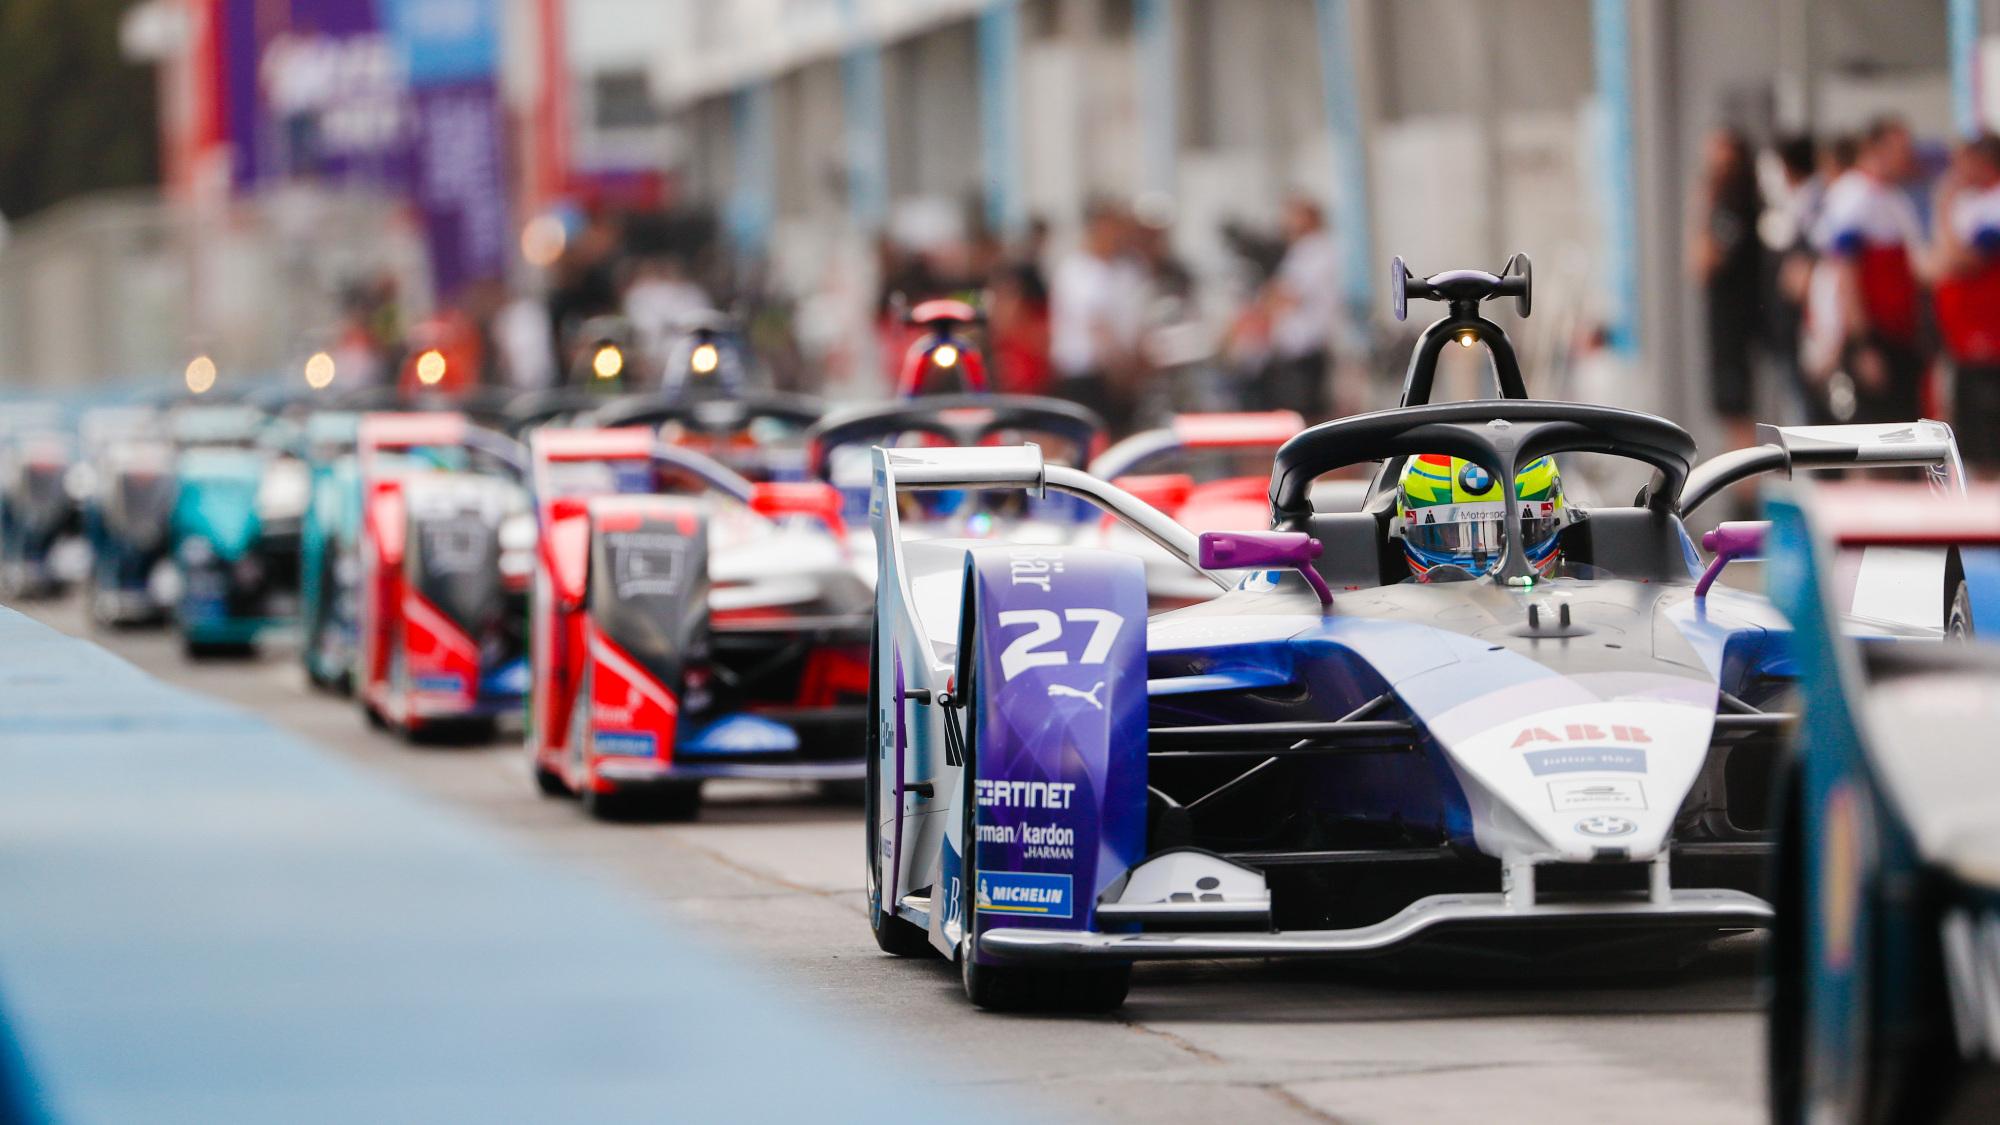 Alexander Sims, Formula E 2019/20